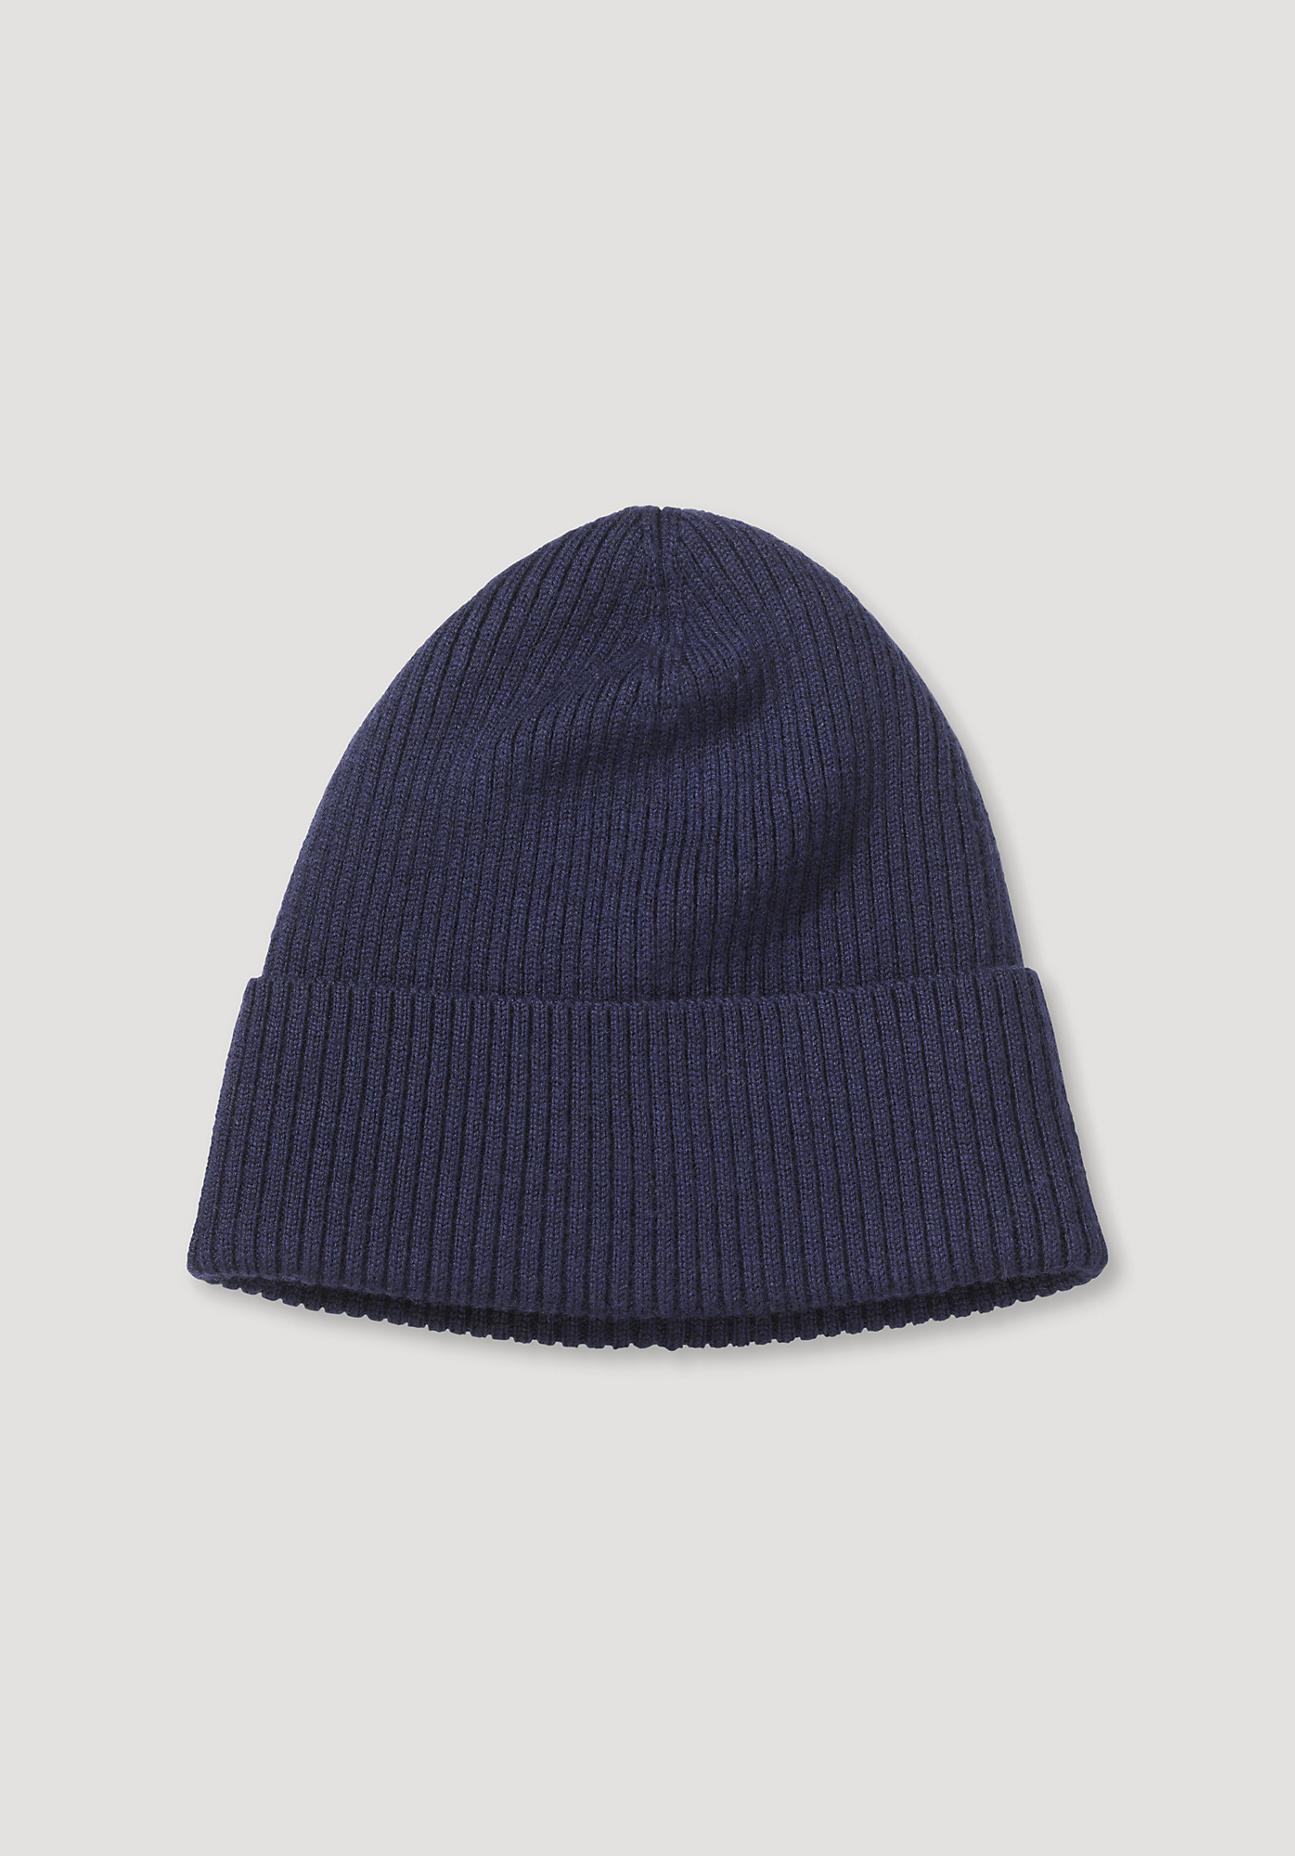 hessnatur Herren Mütze aus Merinowolle – blau – Größe 21,5x21,5 cm